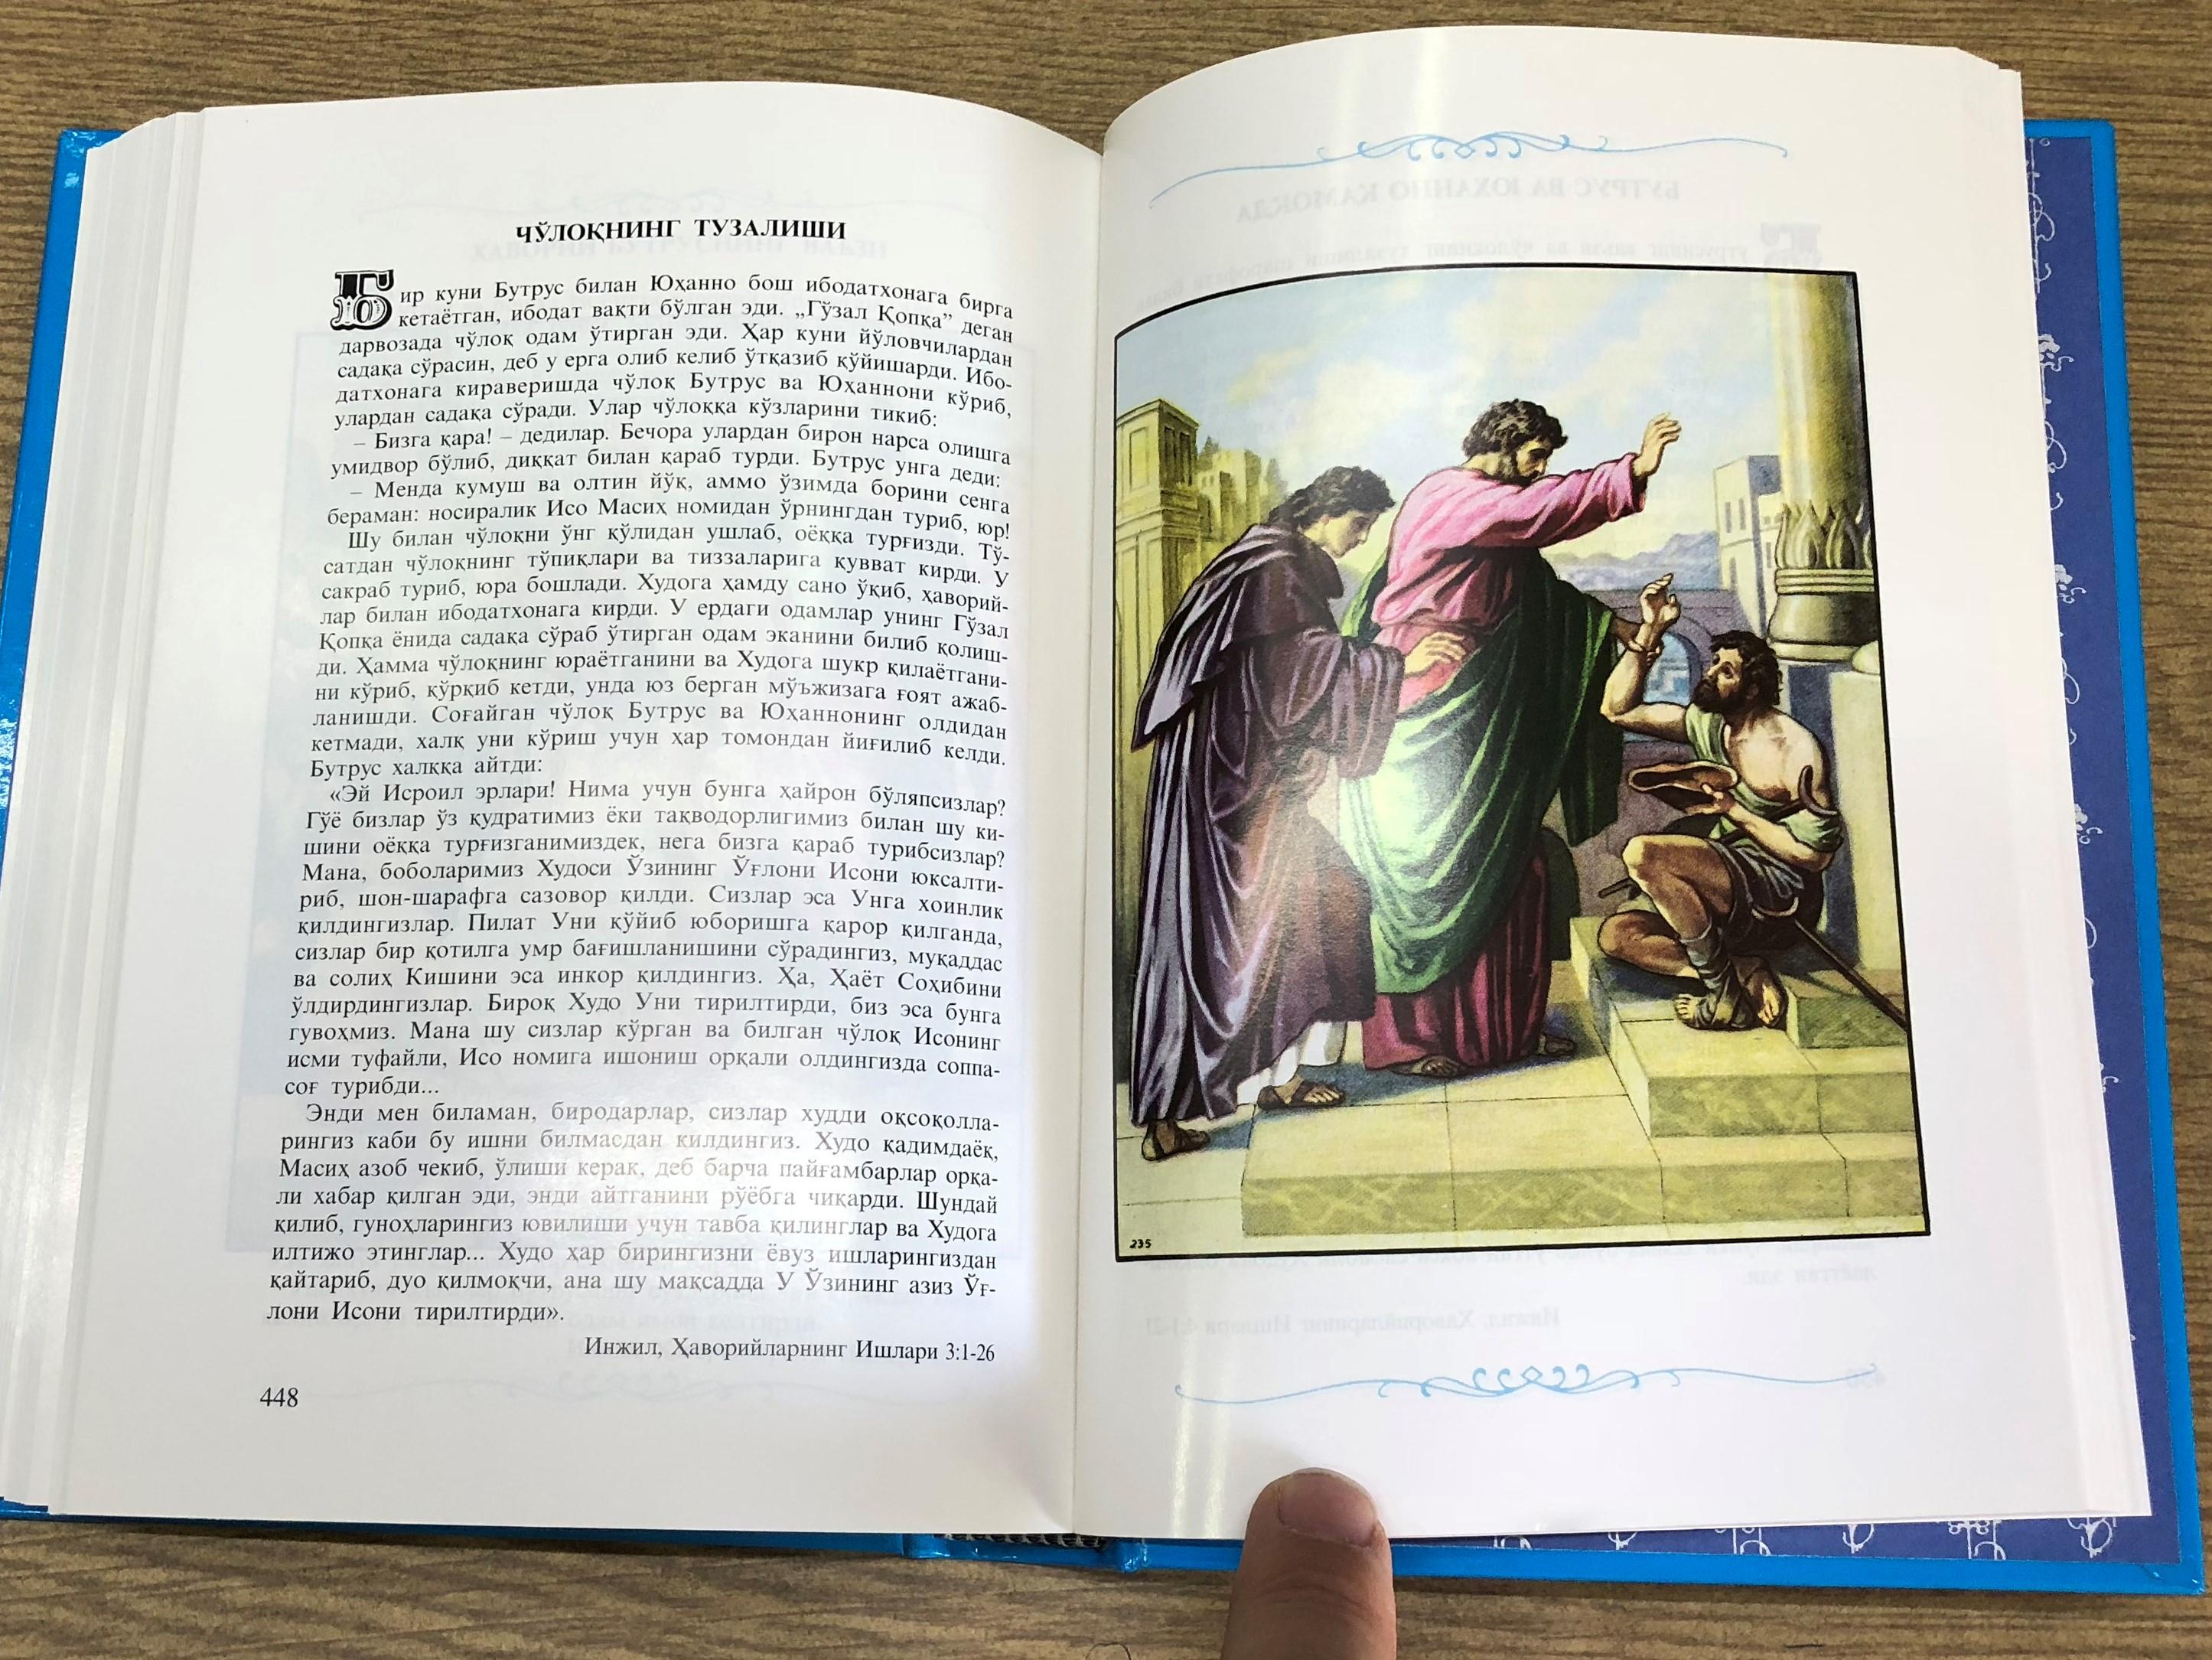 uzbek-children-s-bible-12-.jpg